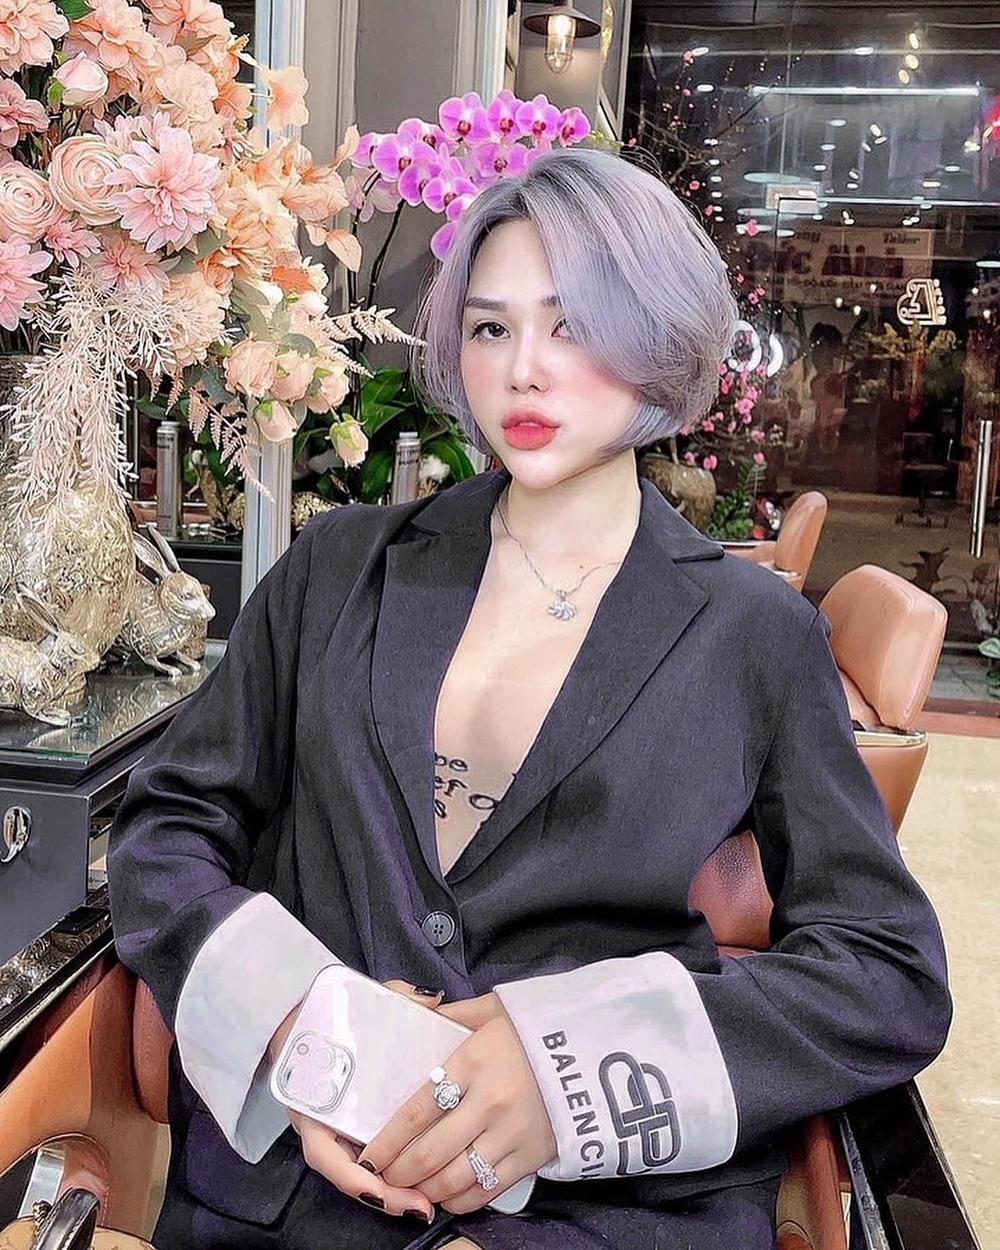 Khởi nghiệp từ gian khó, Trần Quỳnh bật mí chìa khóa đến thành công Ảnh 5